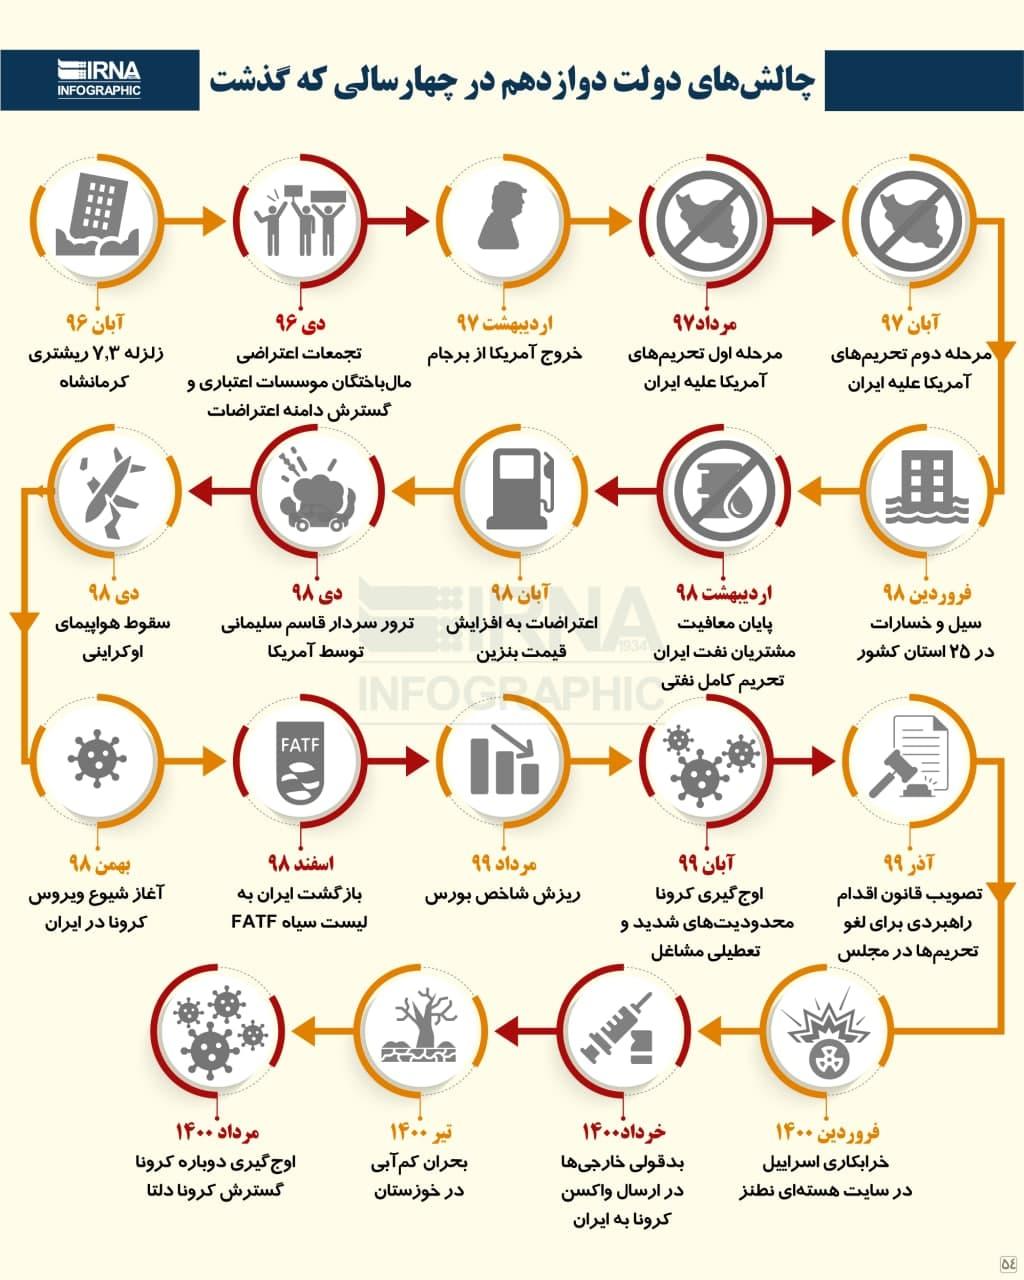 چالشهای دولت دوازدهم در چهار سالی که گذشت (اینفوگرافیک)